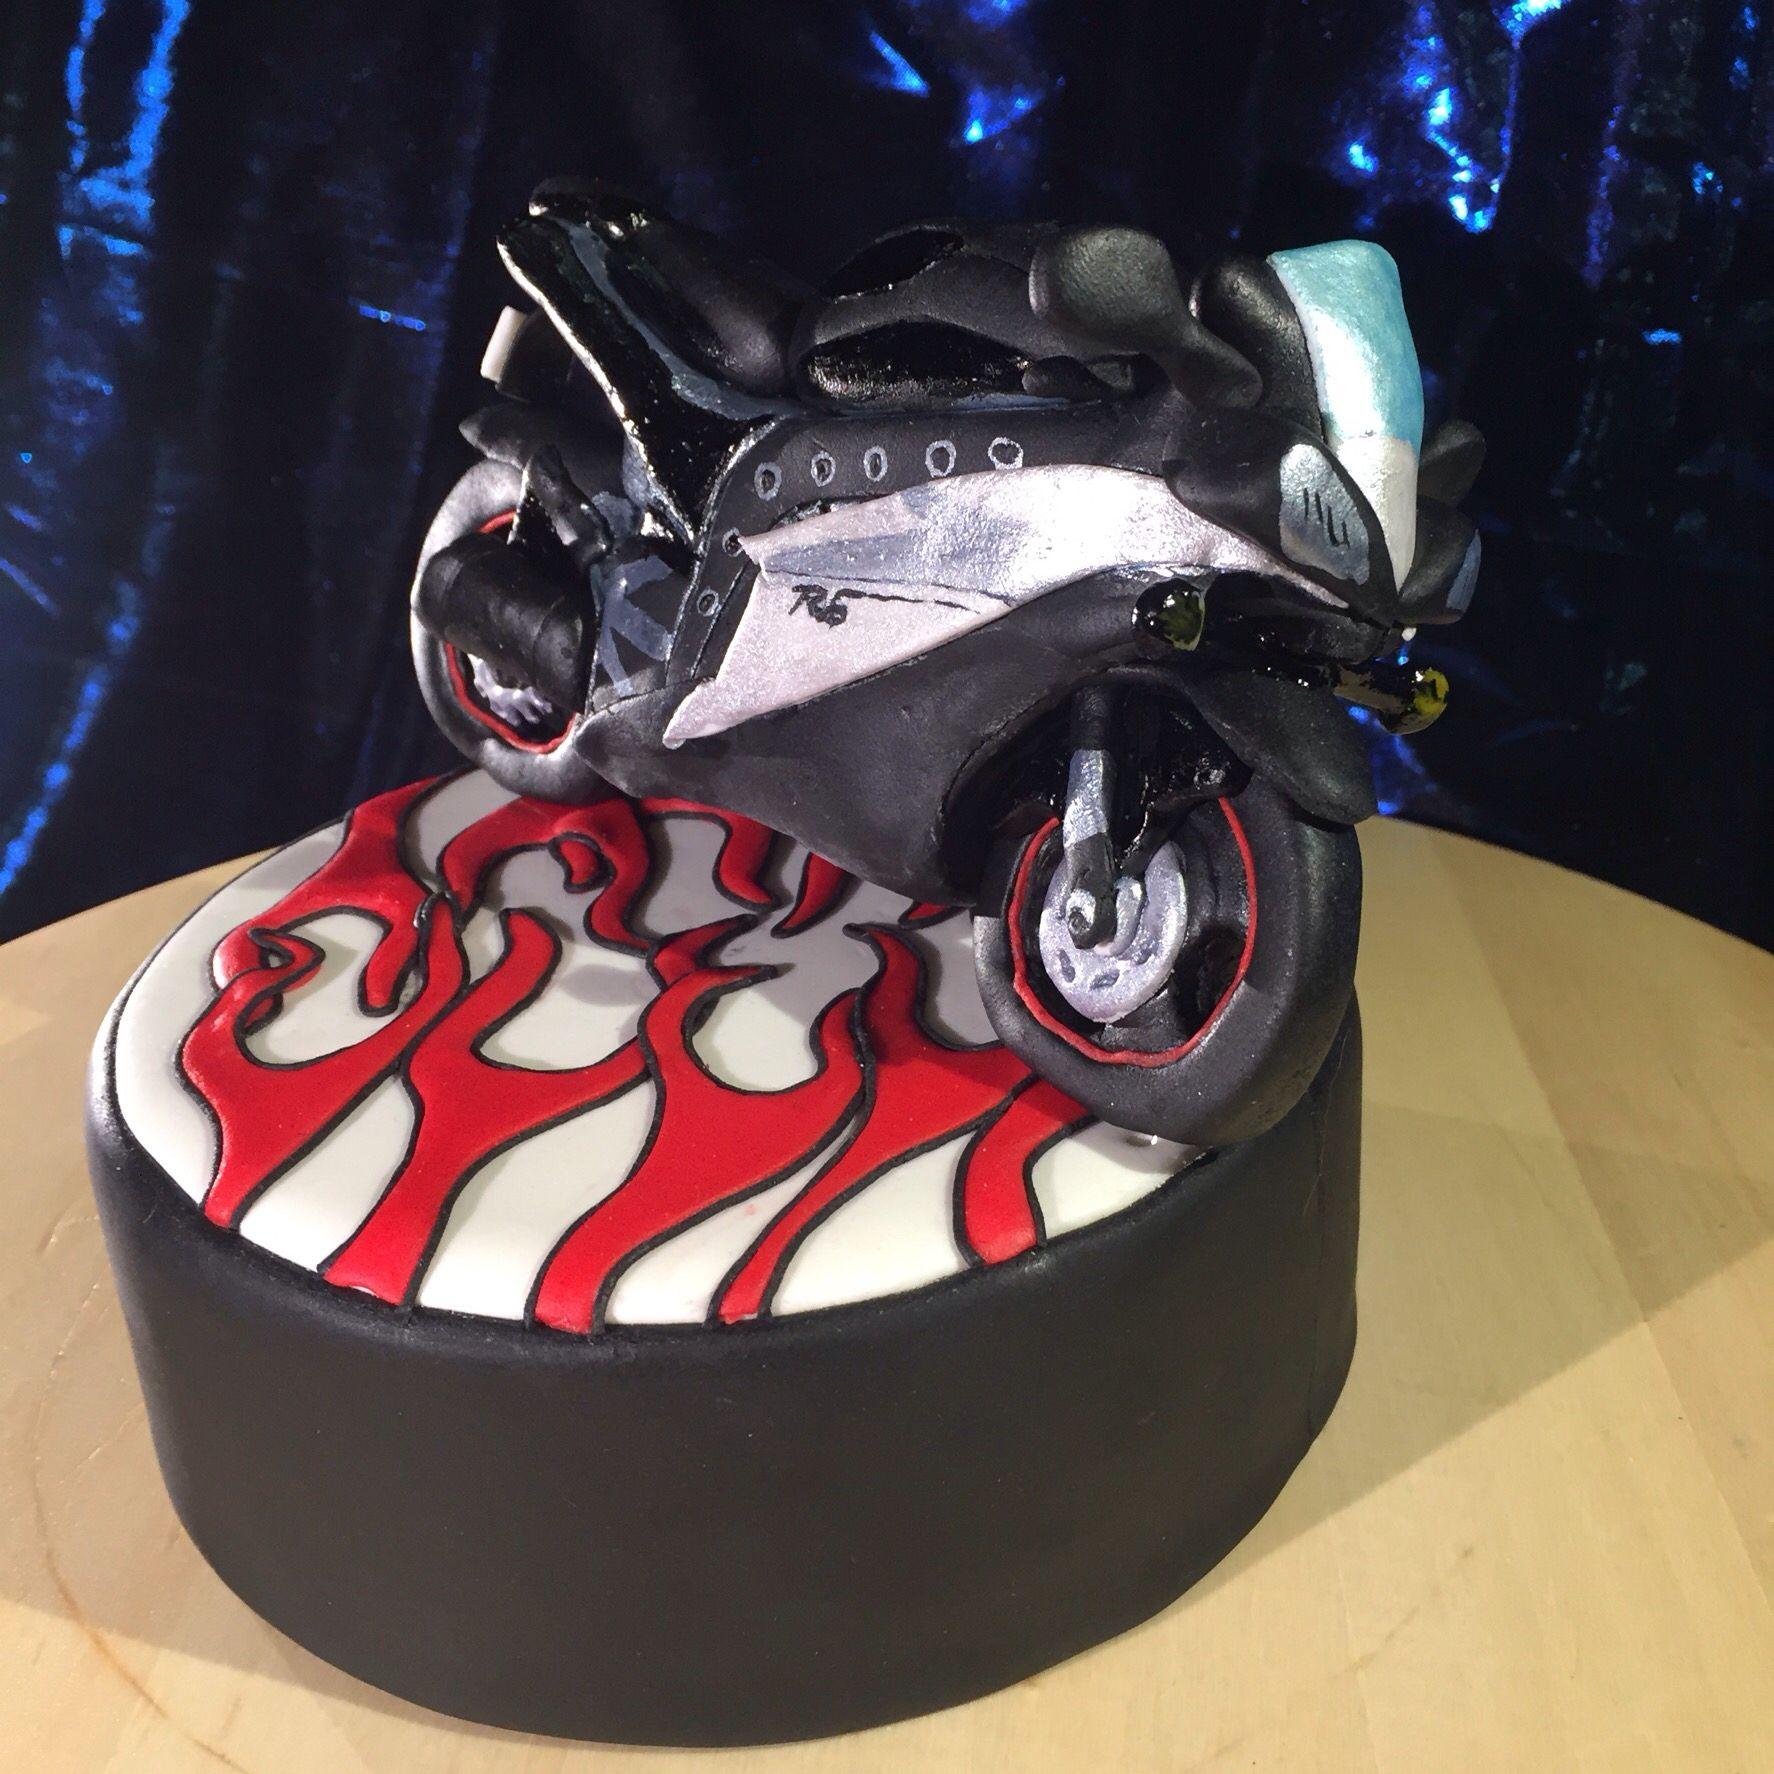 #motorbikecake #yamahar6cake #littleframesmadrid